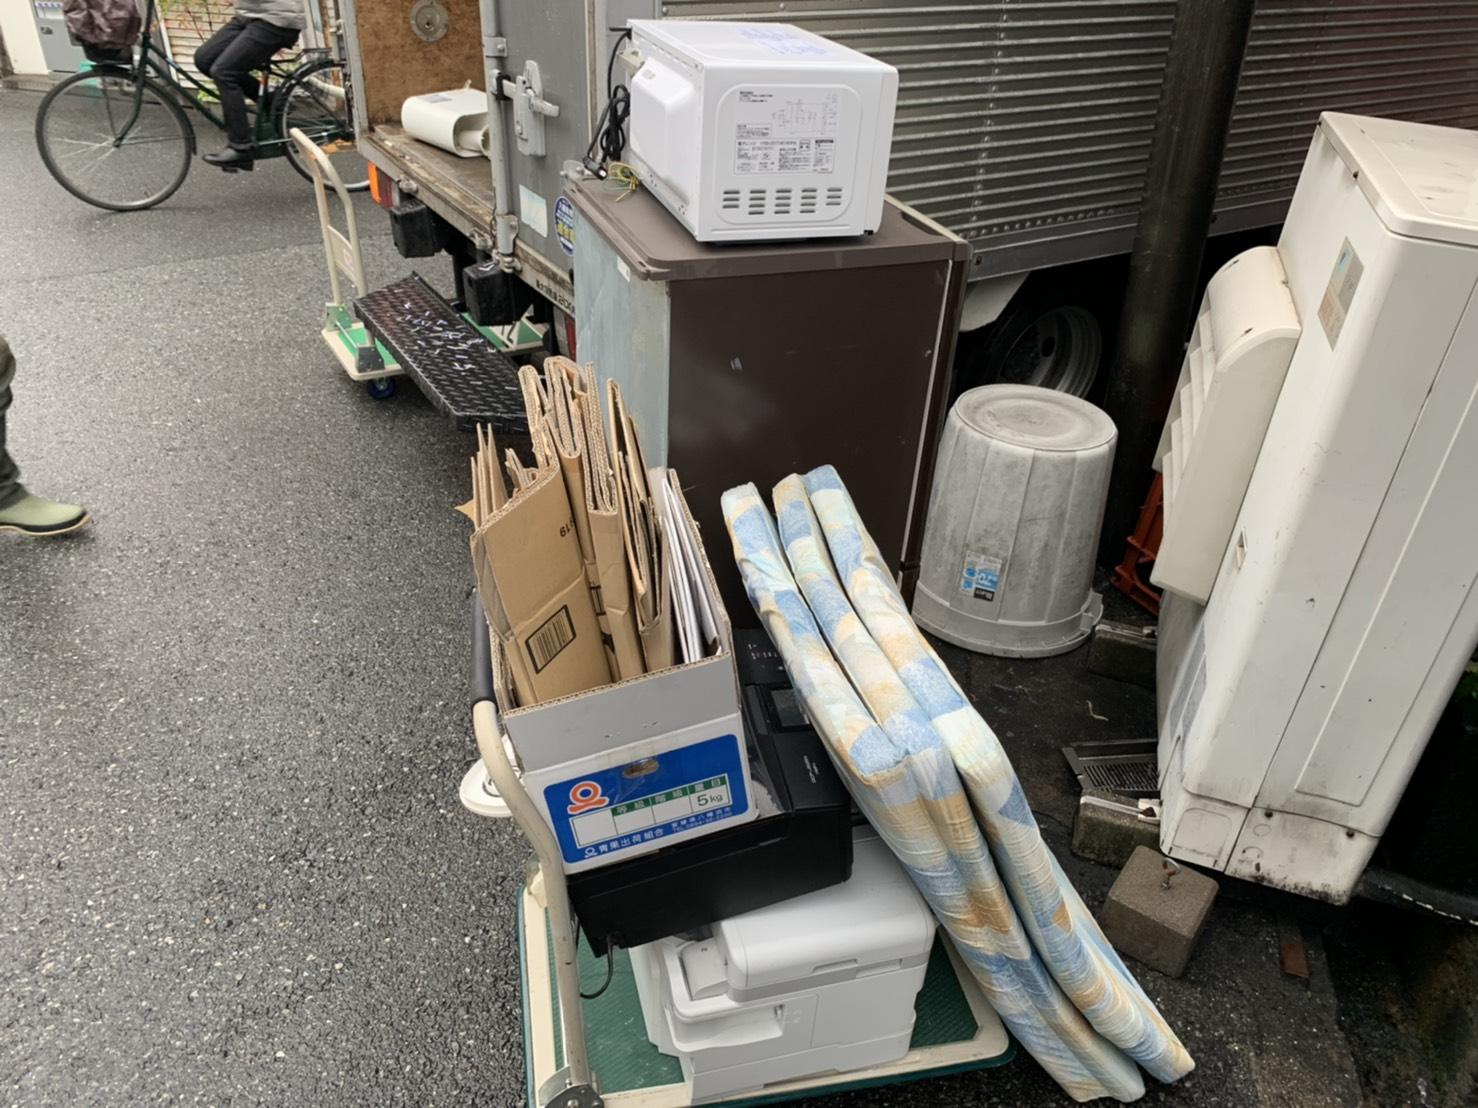 室外機、冷蔵庫、レンジ、プリンターの回収前